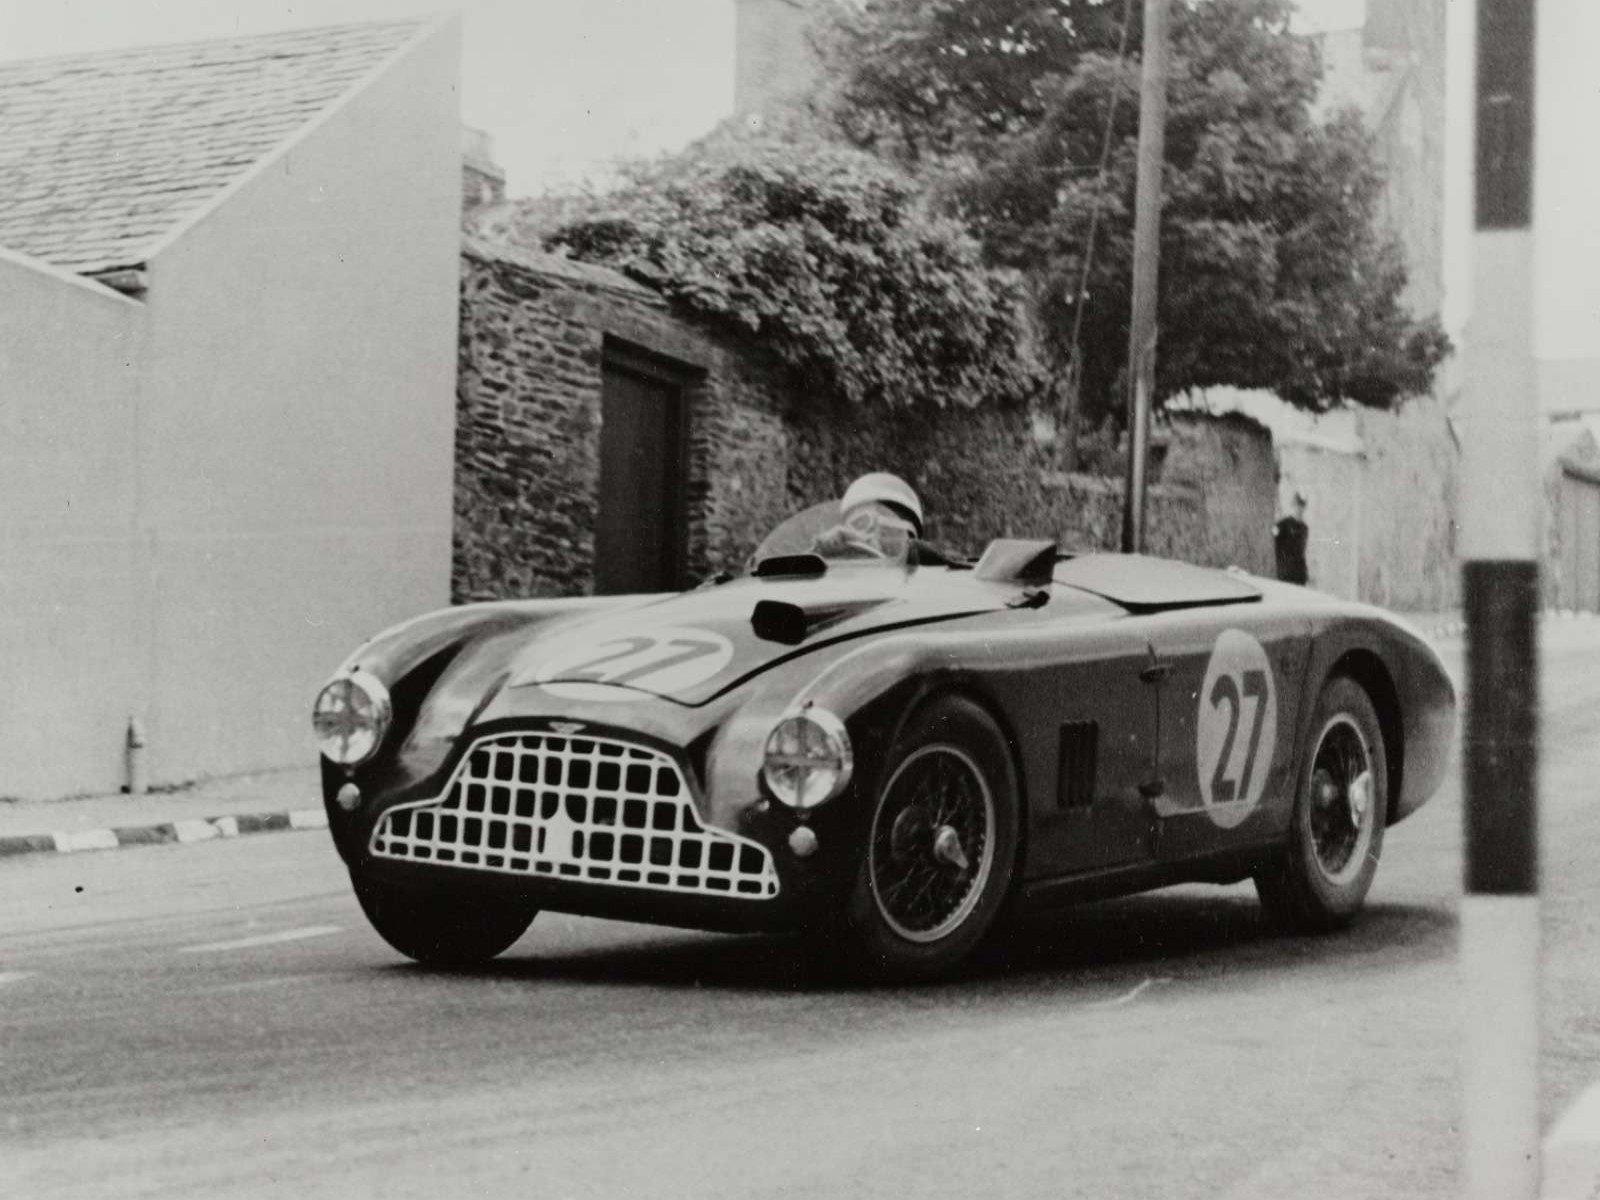 1951 aston martin db3 1600x1200 image 1 1951 Aston Martin DB3